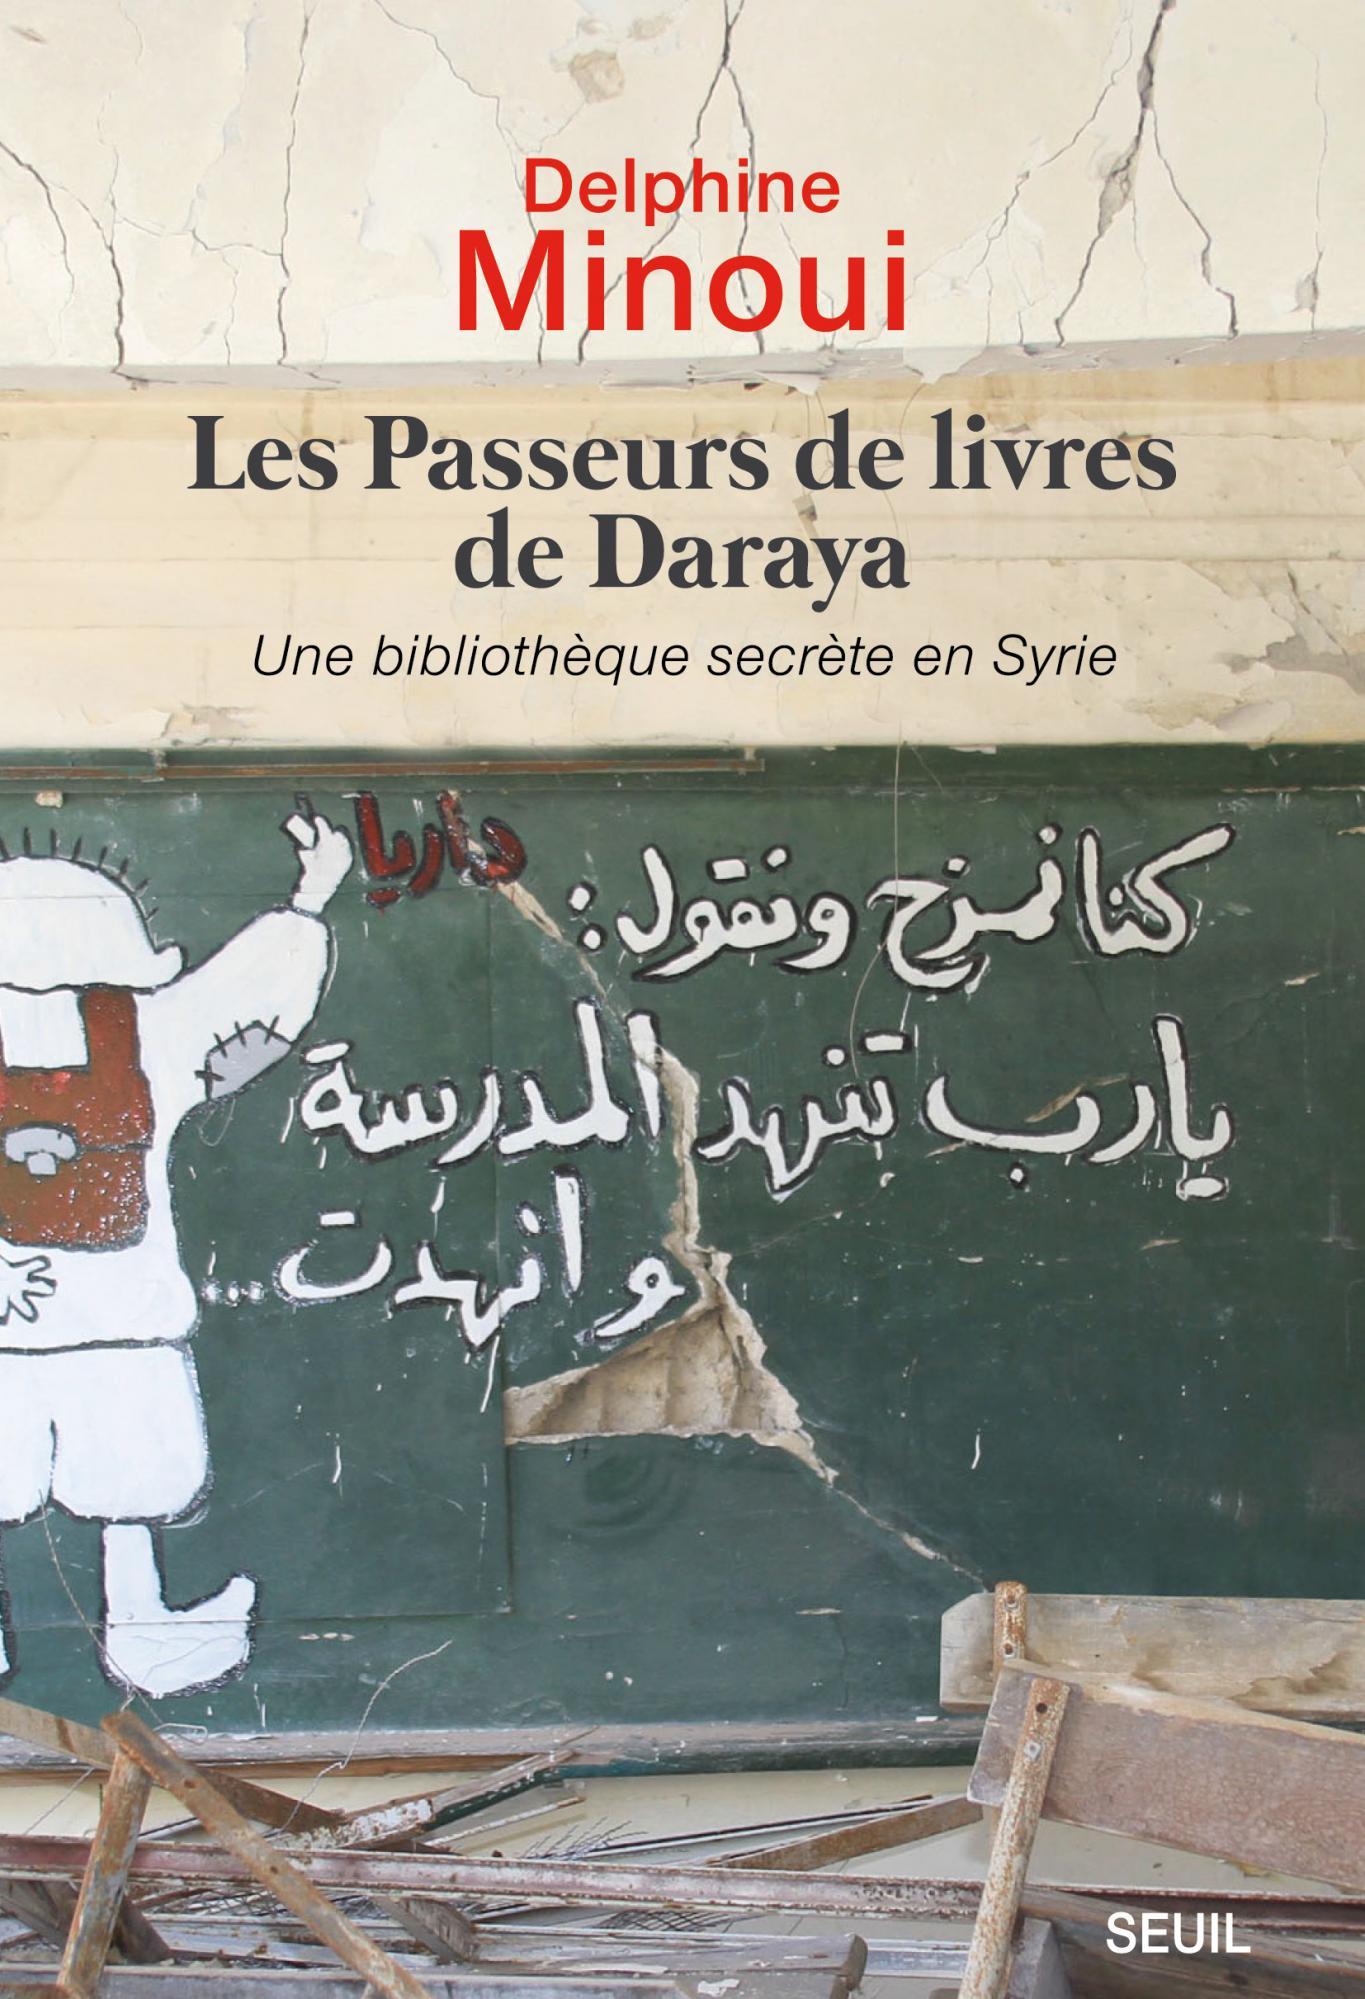 """Résultat de recherche d'images pour """"delphine minoui les passeurs de livres"""""""